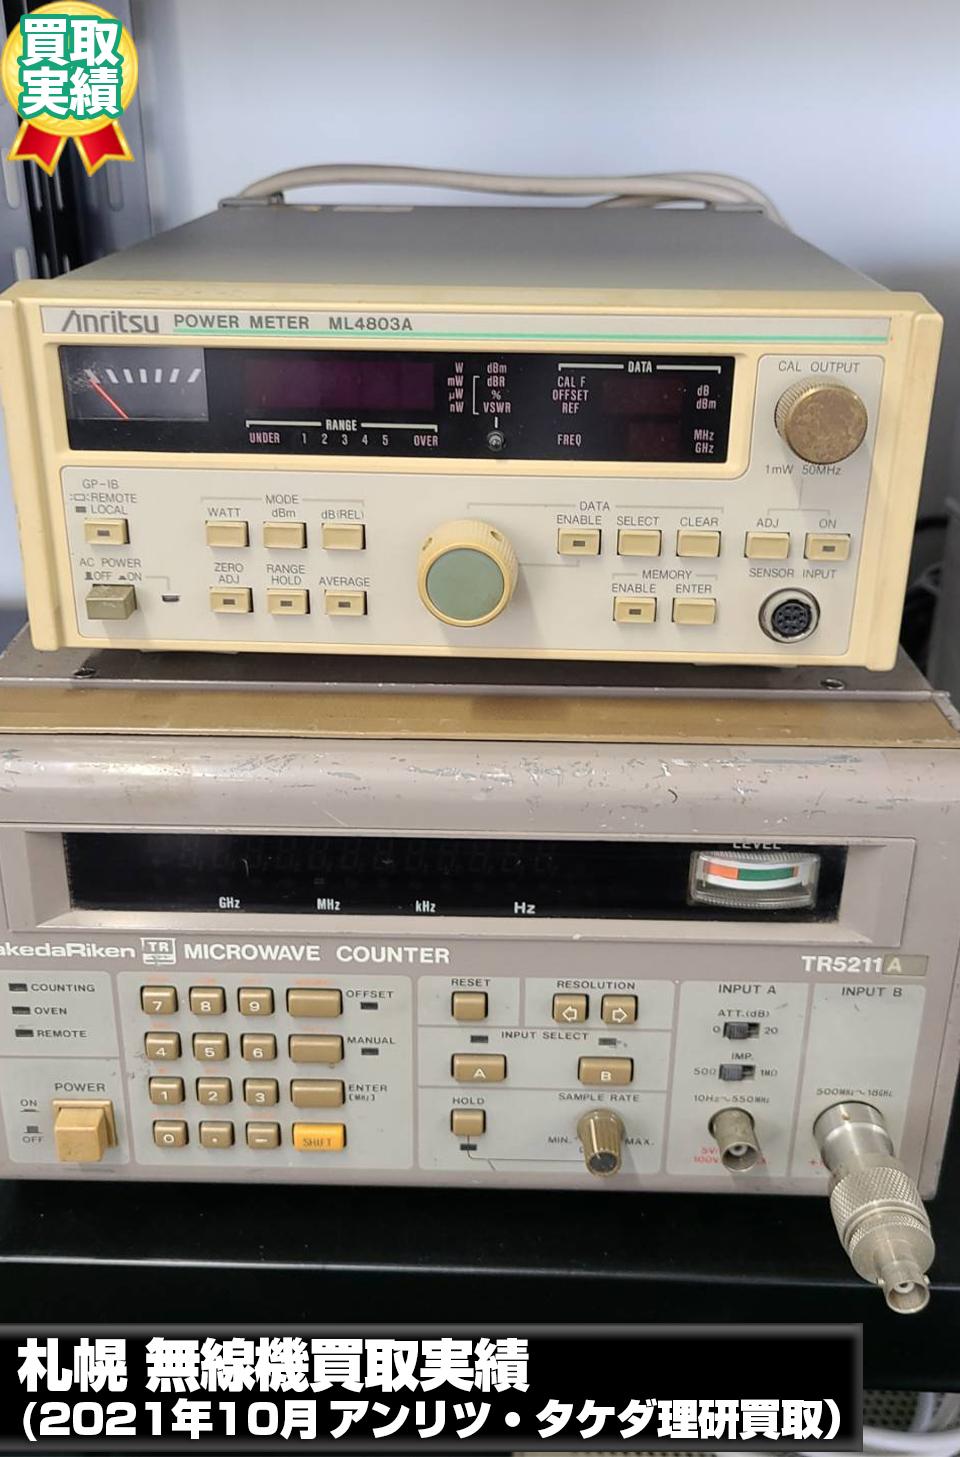 札幌無線機買取(アンリツ・タケダ理研買取・2021年10月)